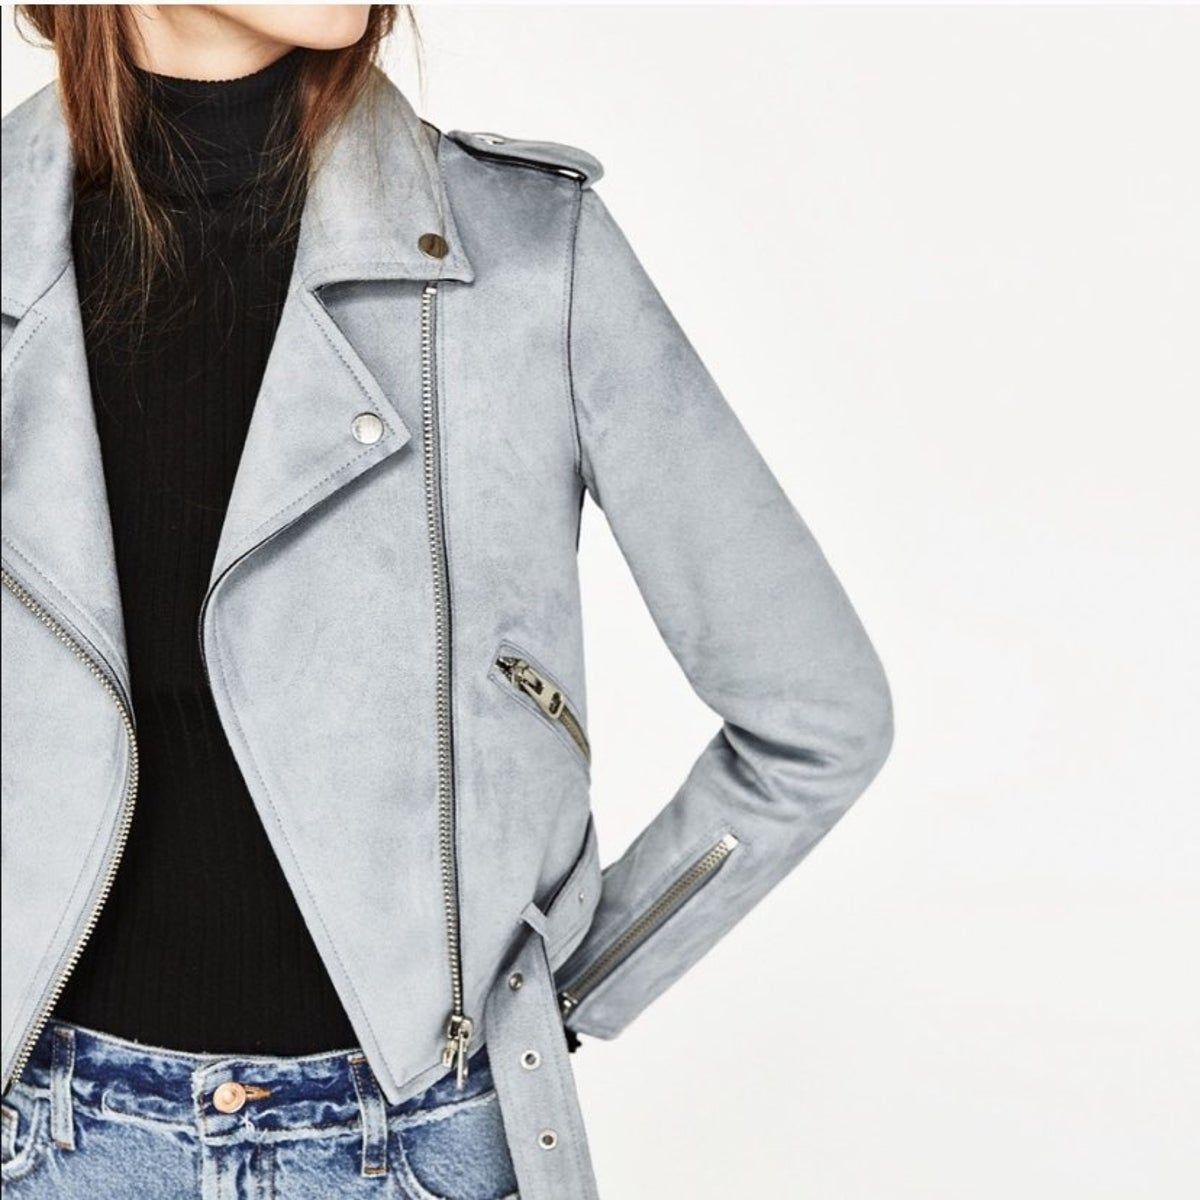 Zara Basic Outerwear Suede Moto Jacket In 2021 Blue Jackets Outfits Blue Suede Jacket Suede Jacket Outfit [ 1200 x 1200 Pixel ]